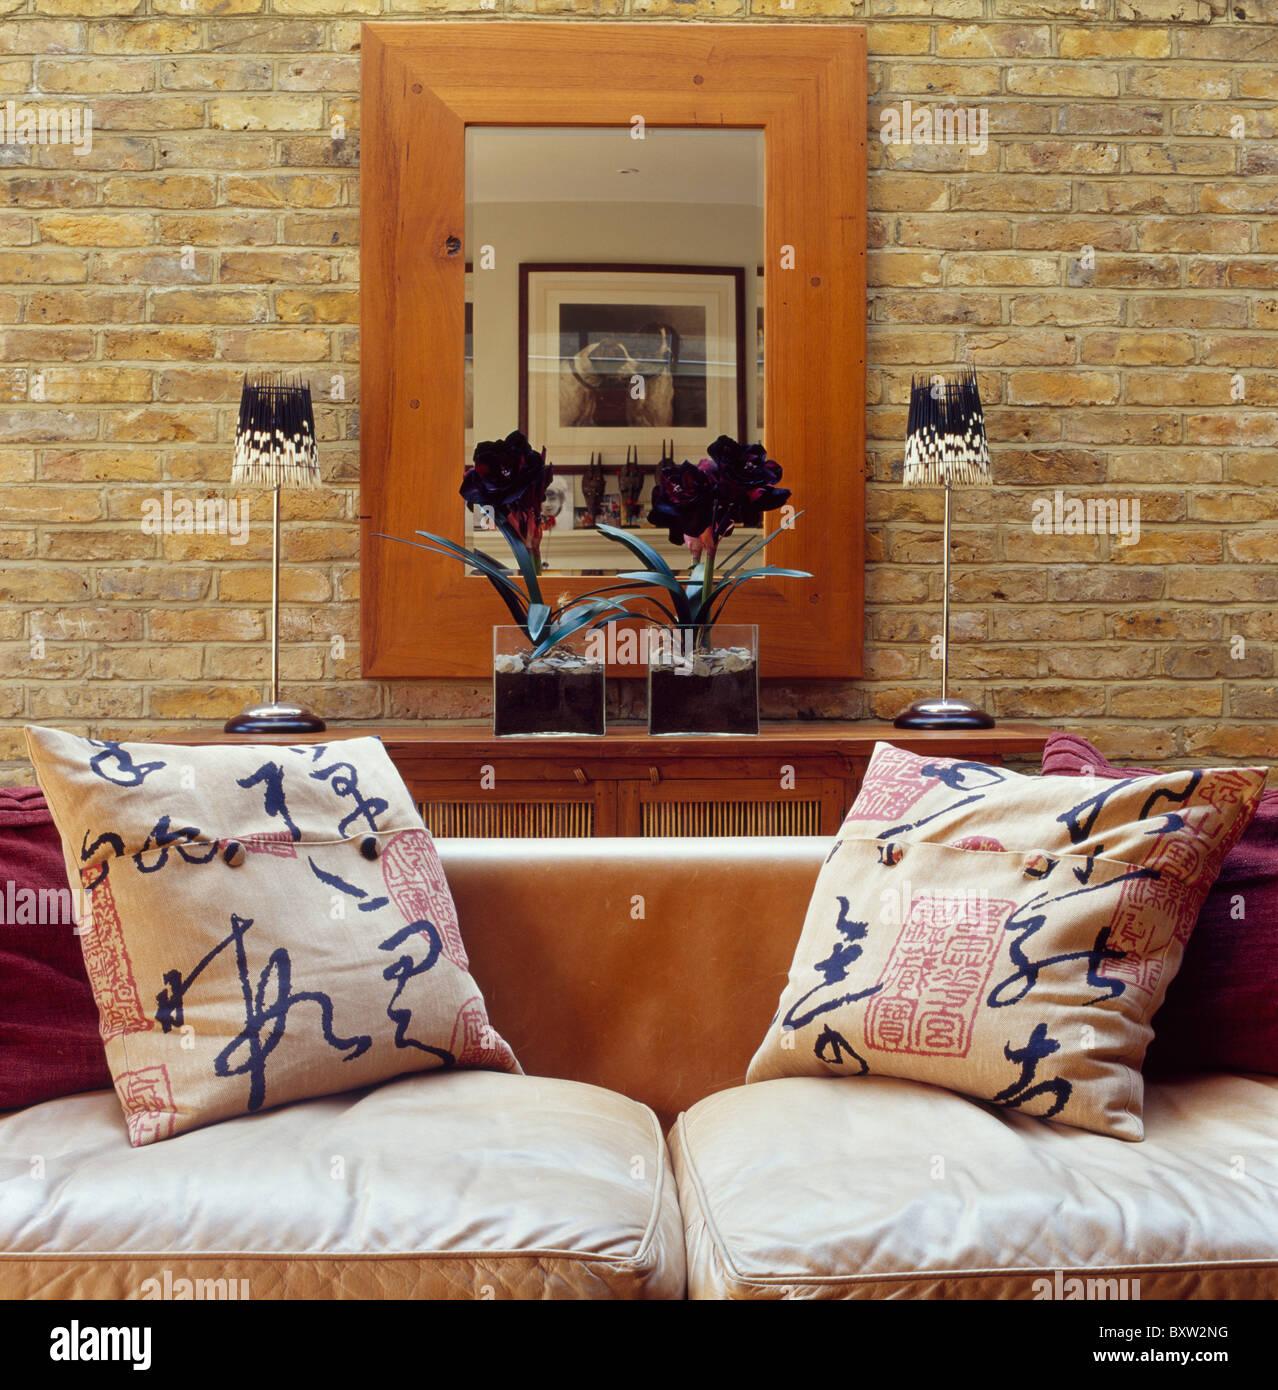 Sofá con blue+blanco de letras chinas cojines estampados en el salón ...